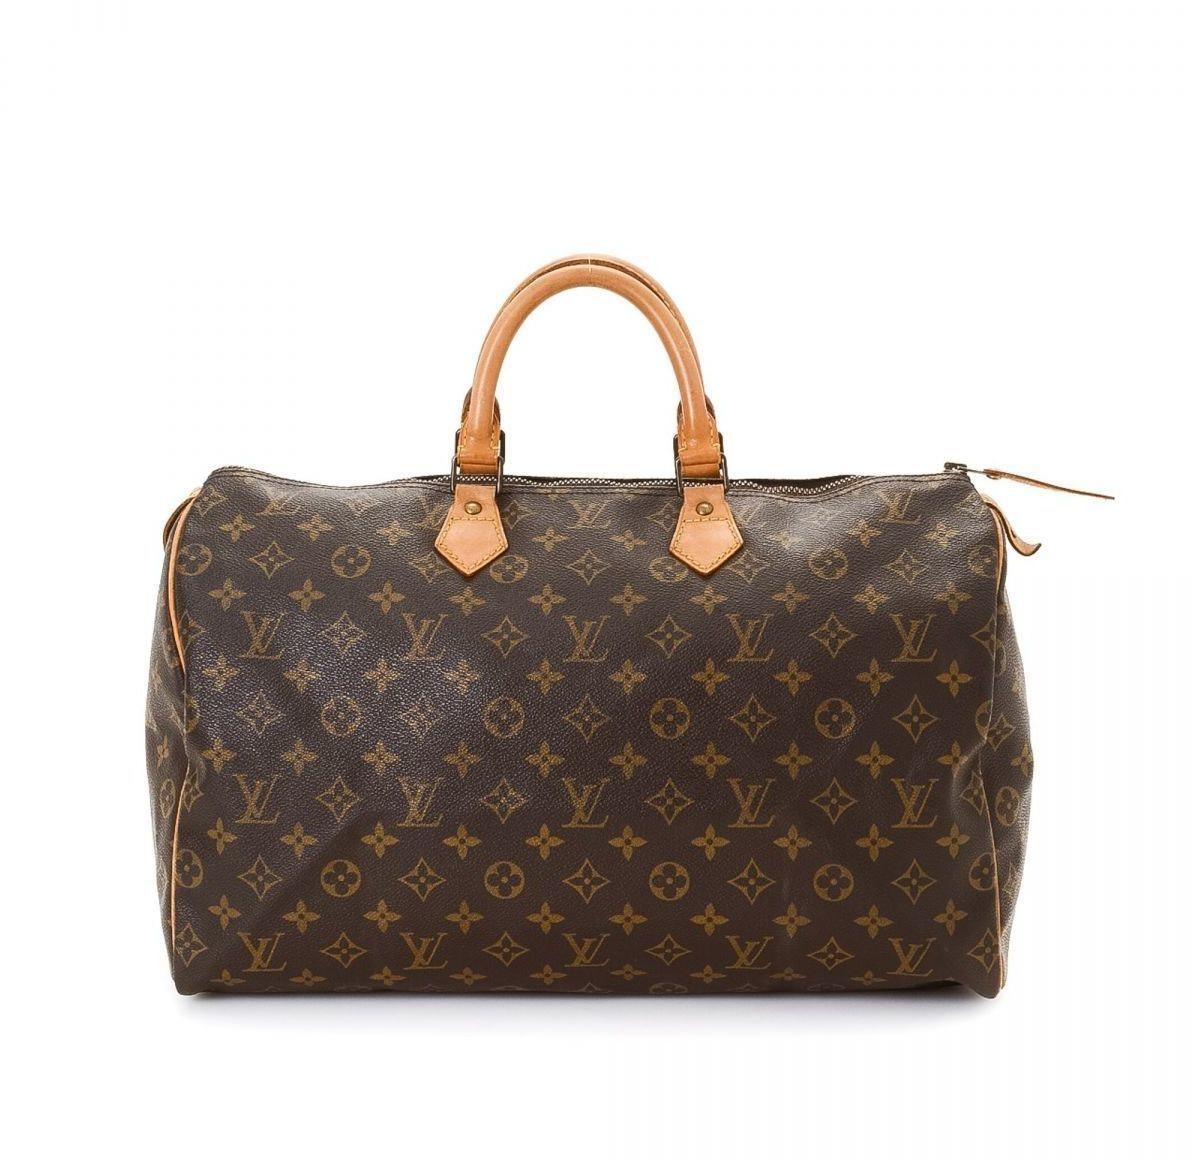 Louis Vuitton Speedy Monogram 40 Brown